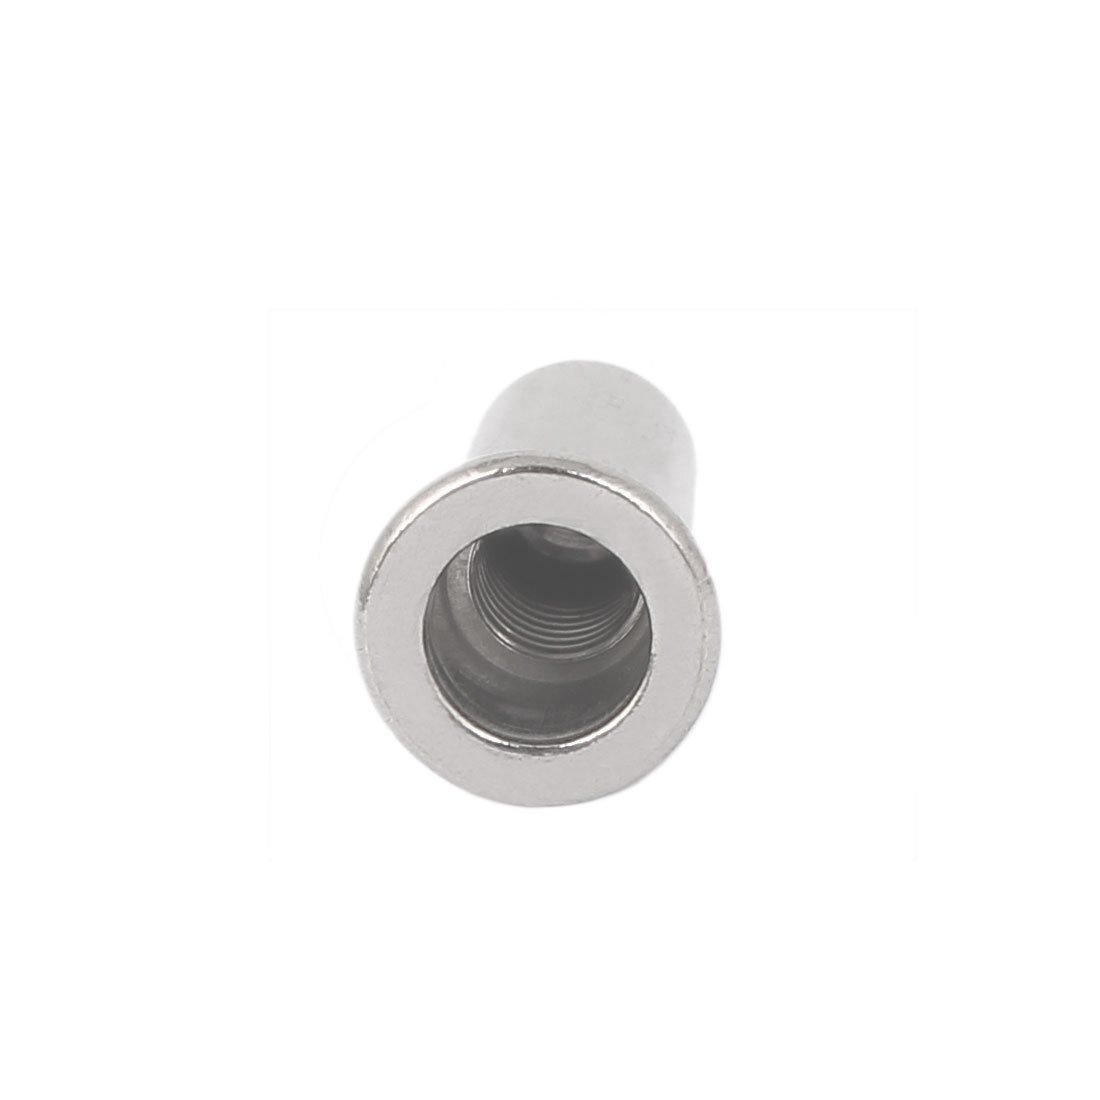 eDealMax a16070700ux0252 extremo cerrado de tuercas 304 M5X18.5Mm recta de Acero inoxidable Con estrías del extremo cerrado de tuercas de tornillos 20Pcs